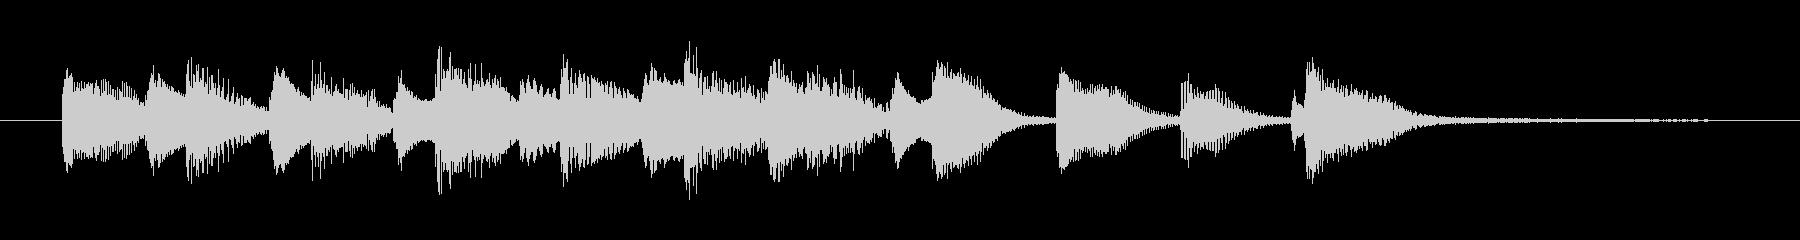 ピアノジングル-ジャズ風、軽快、明るいの未再生の波形